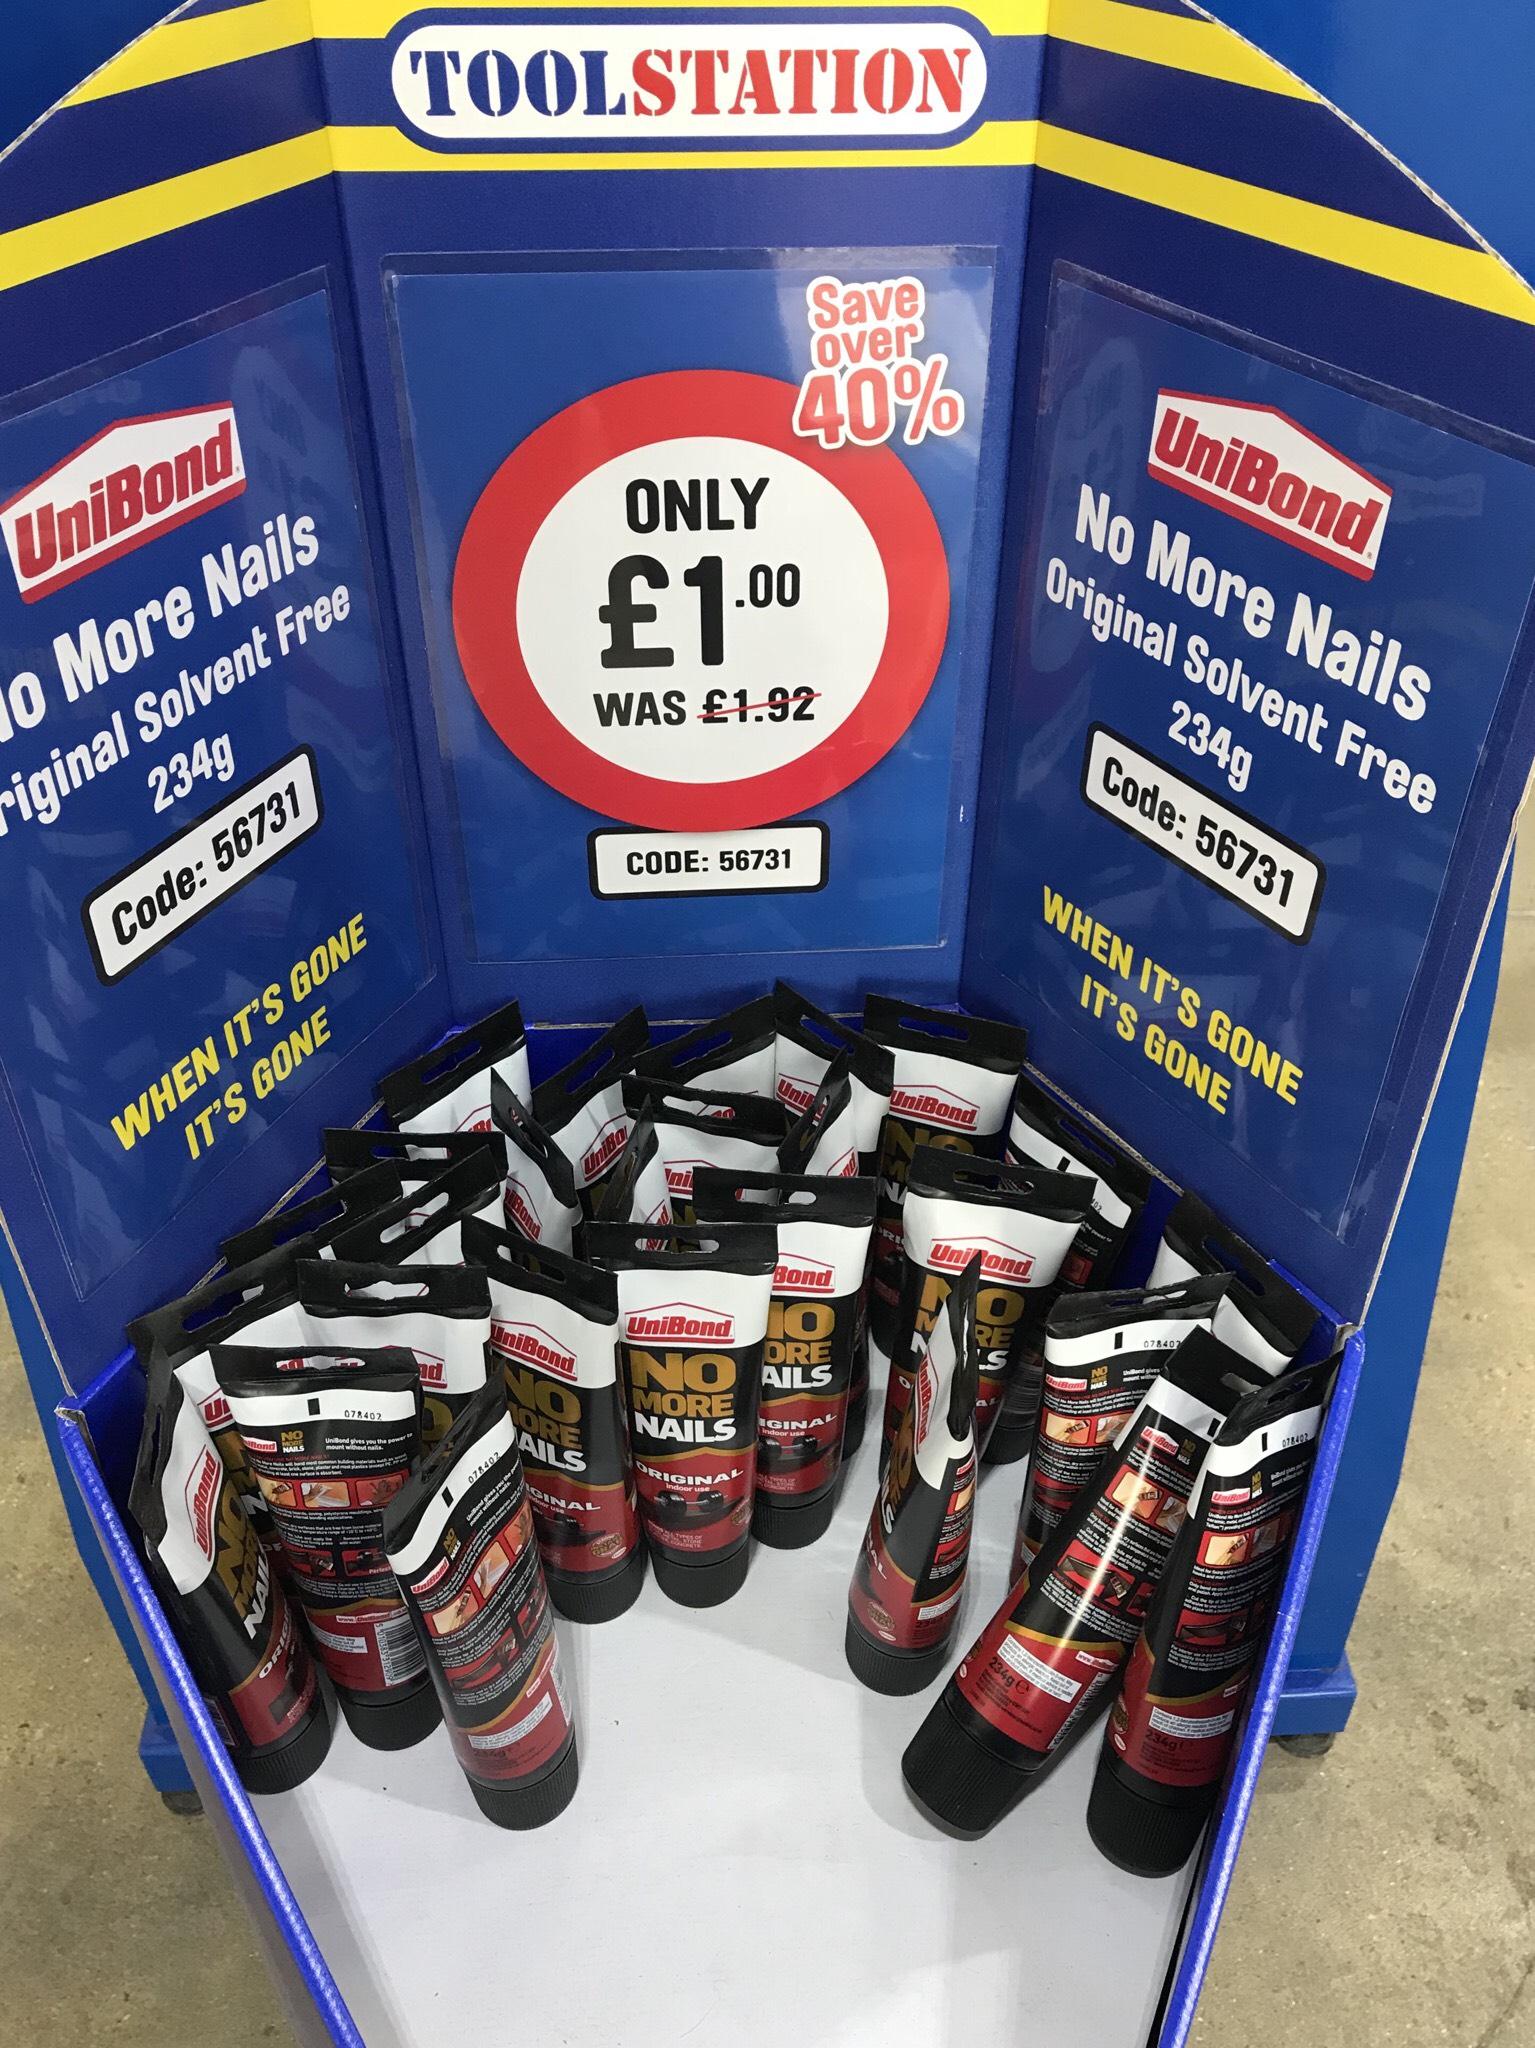 Unibond No More Nails Original Solvent Free 234g £1 @ Toolstation